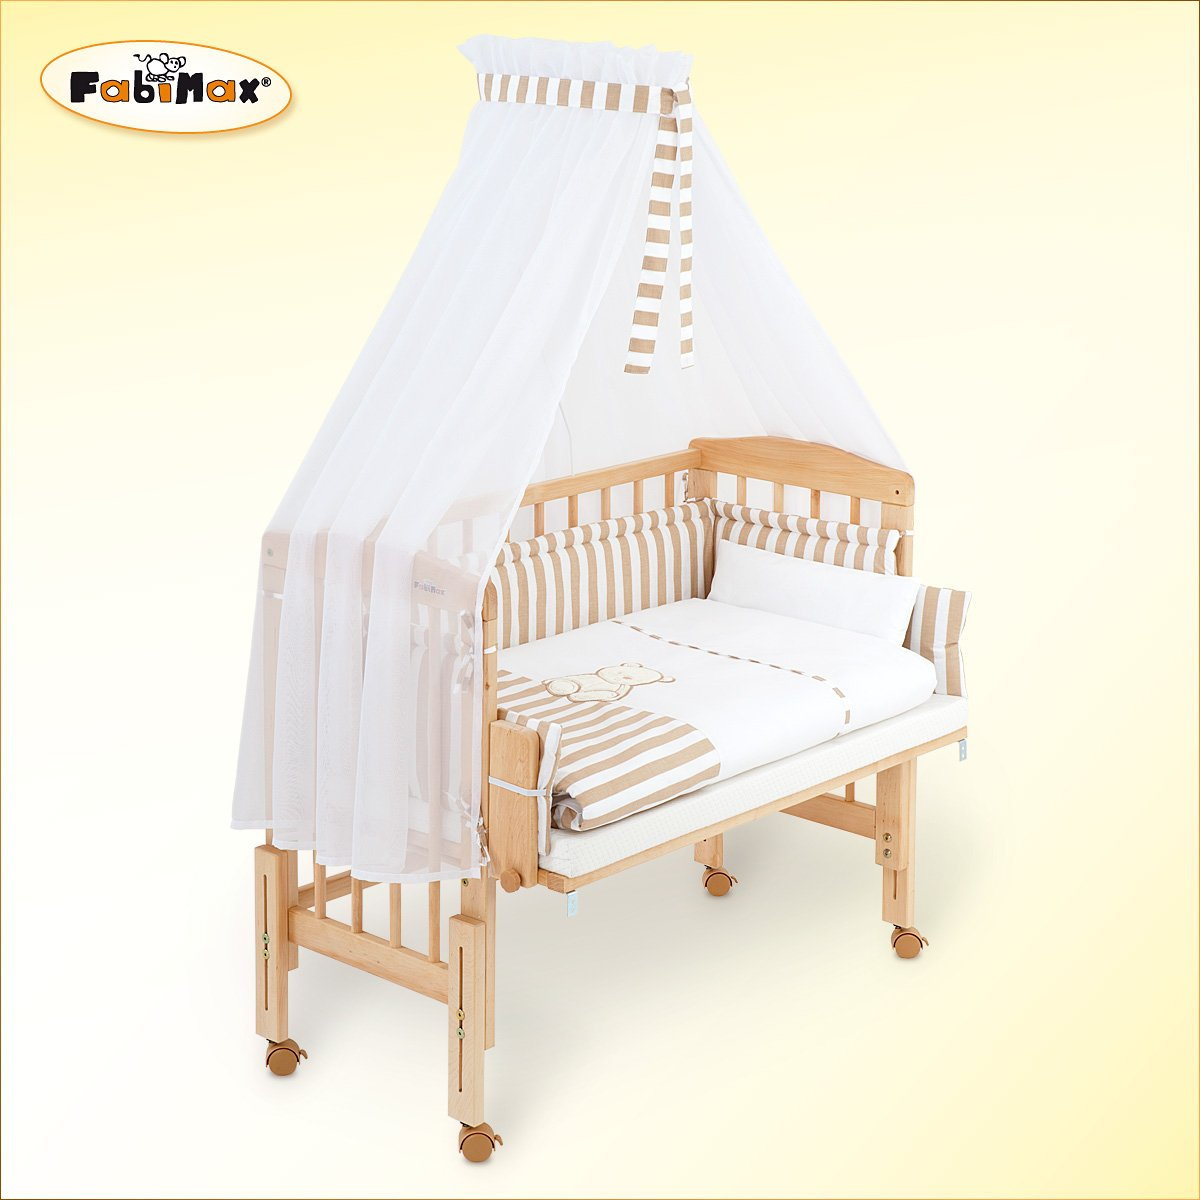 Cuna lateral FabiMax Pro con ropa de cama completa en beige y colchón Comfort product image